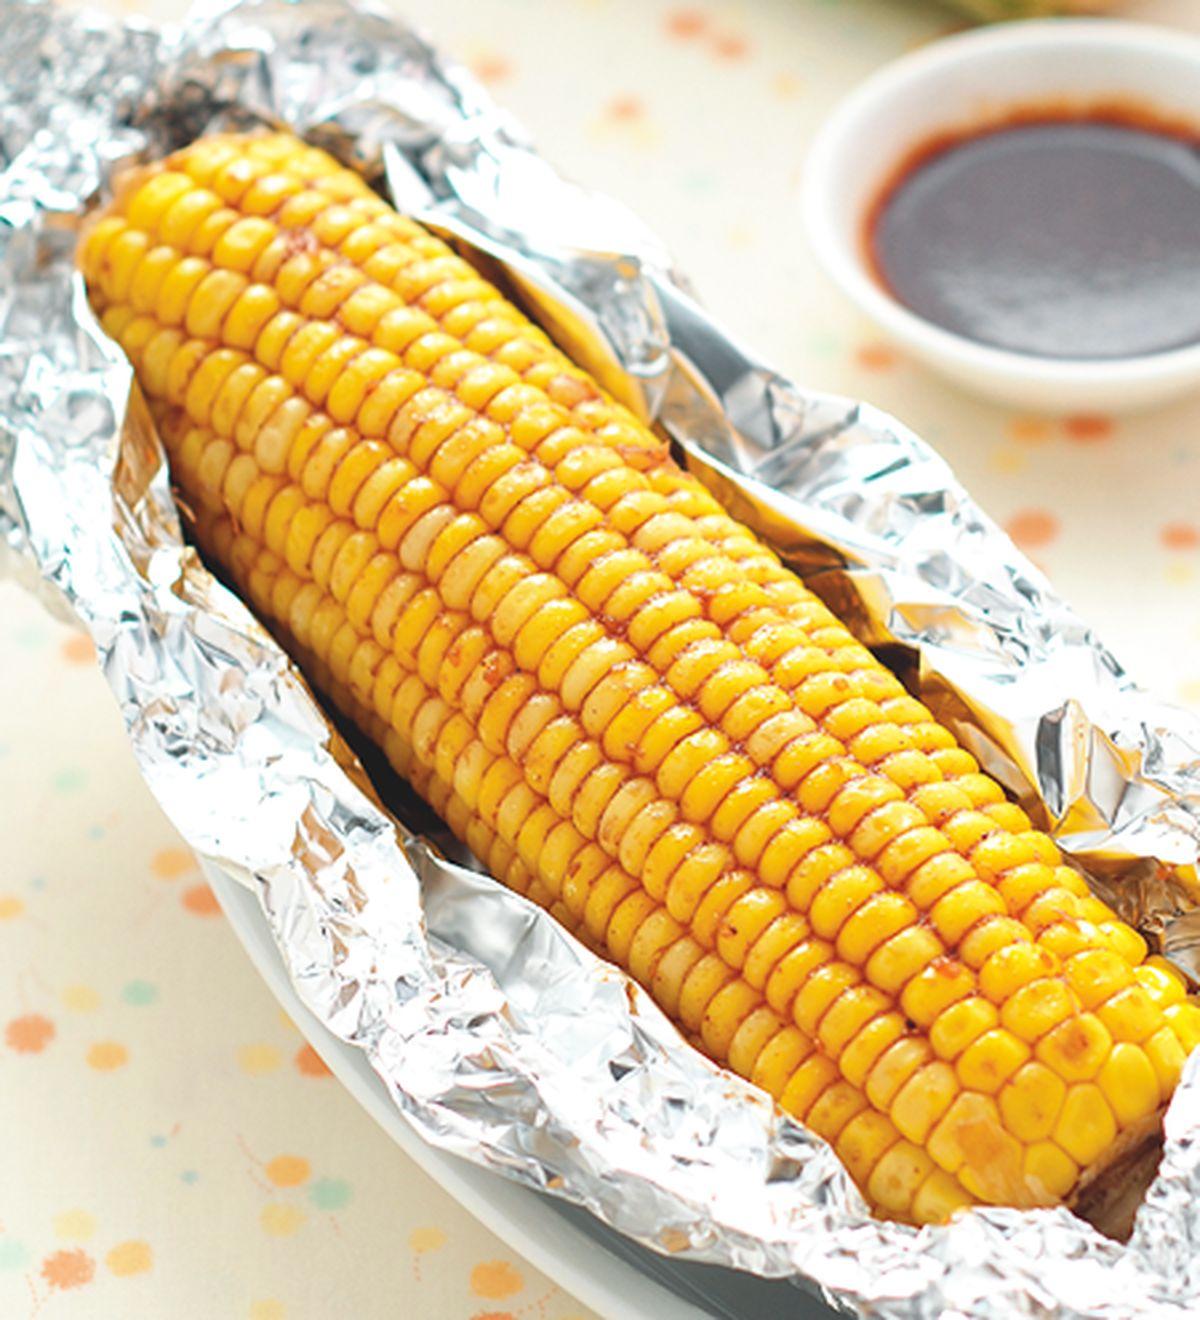 食譜:照燒烤玉米